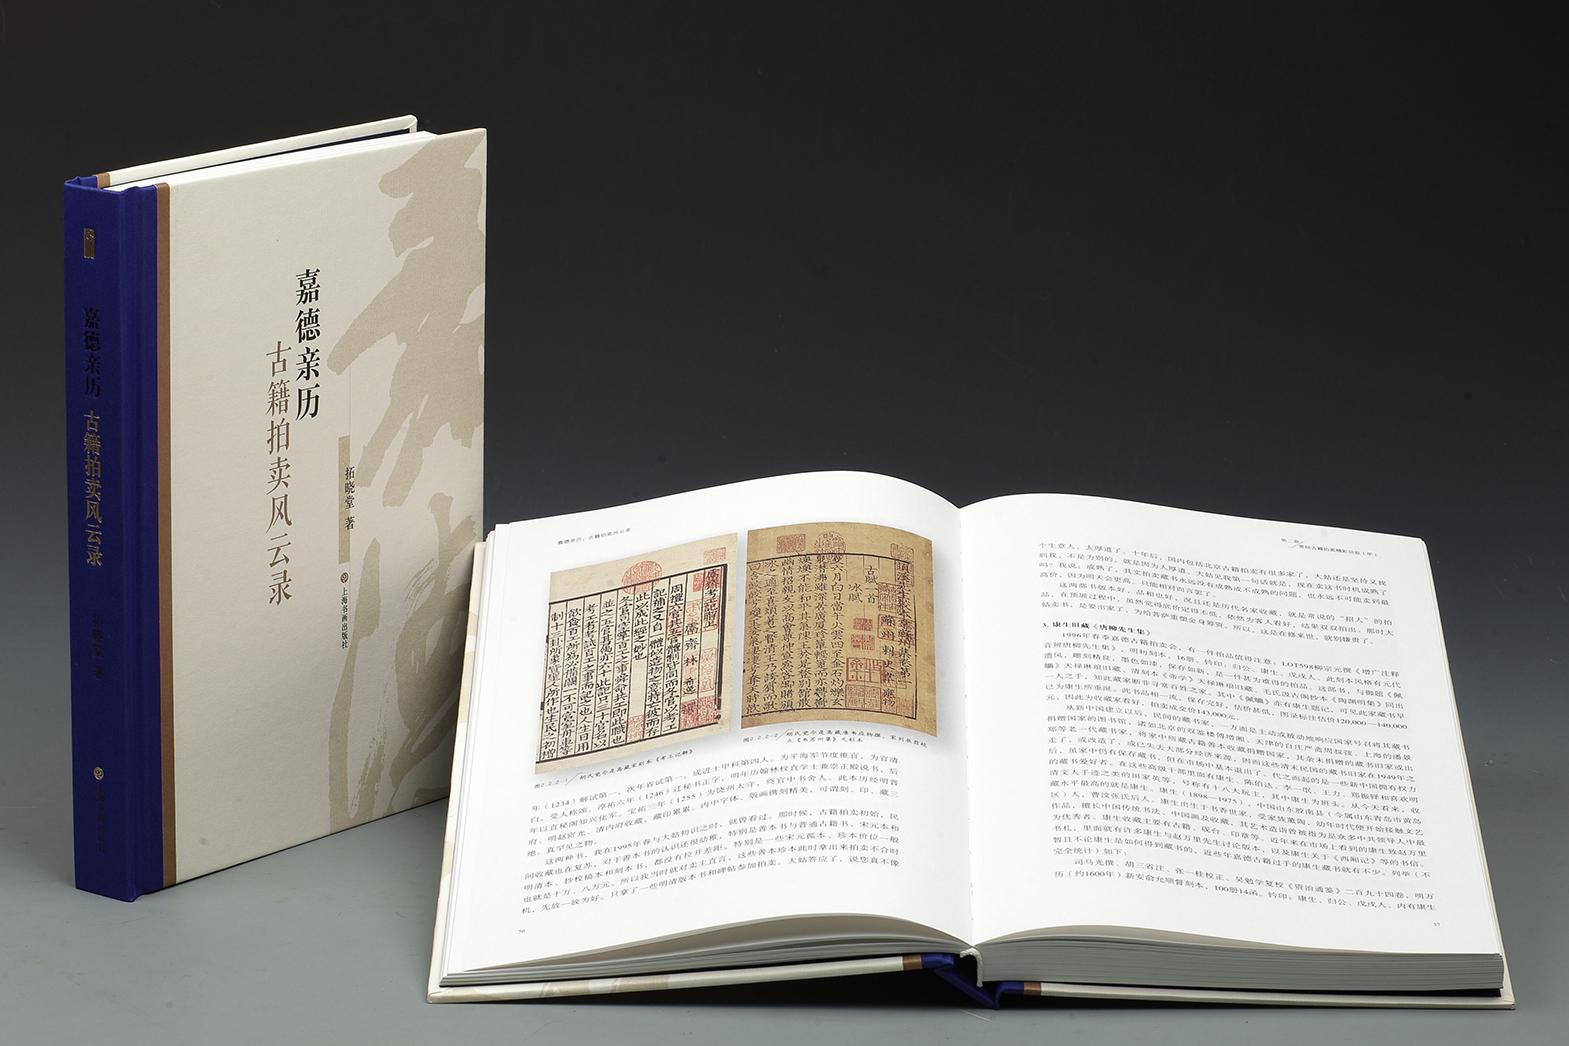 拓晓堂:古籍拍卖20年